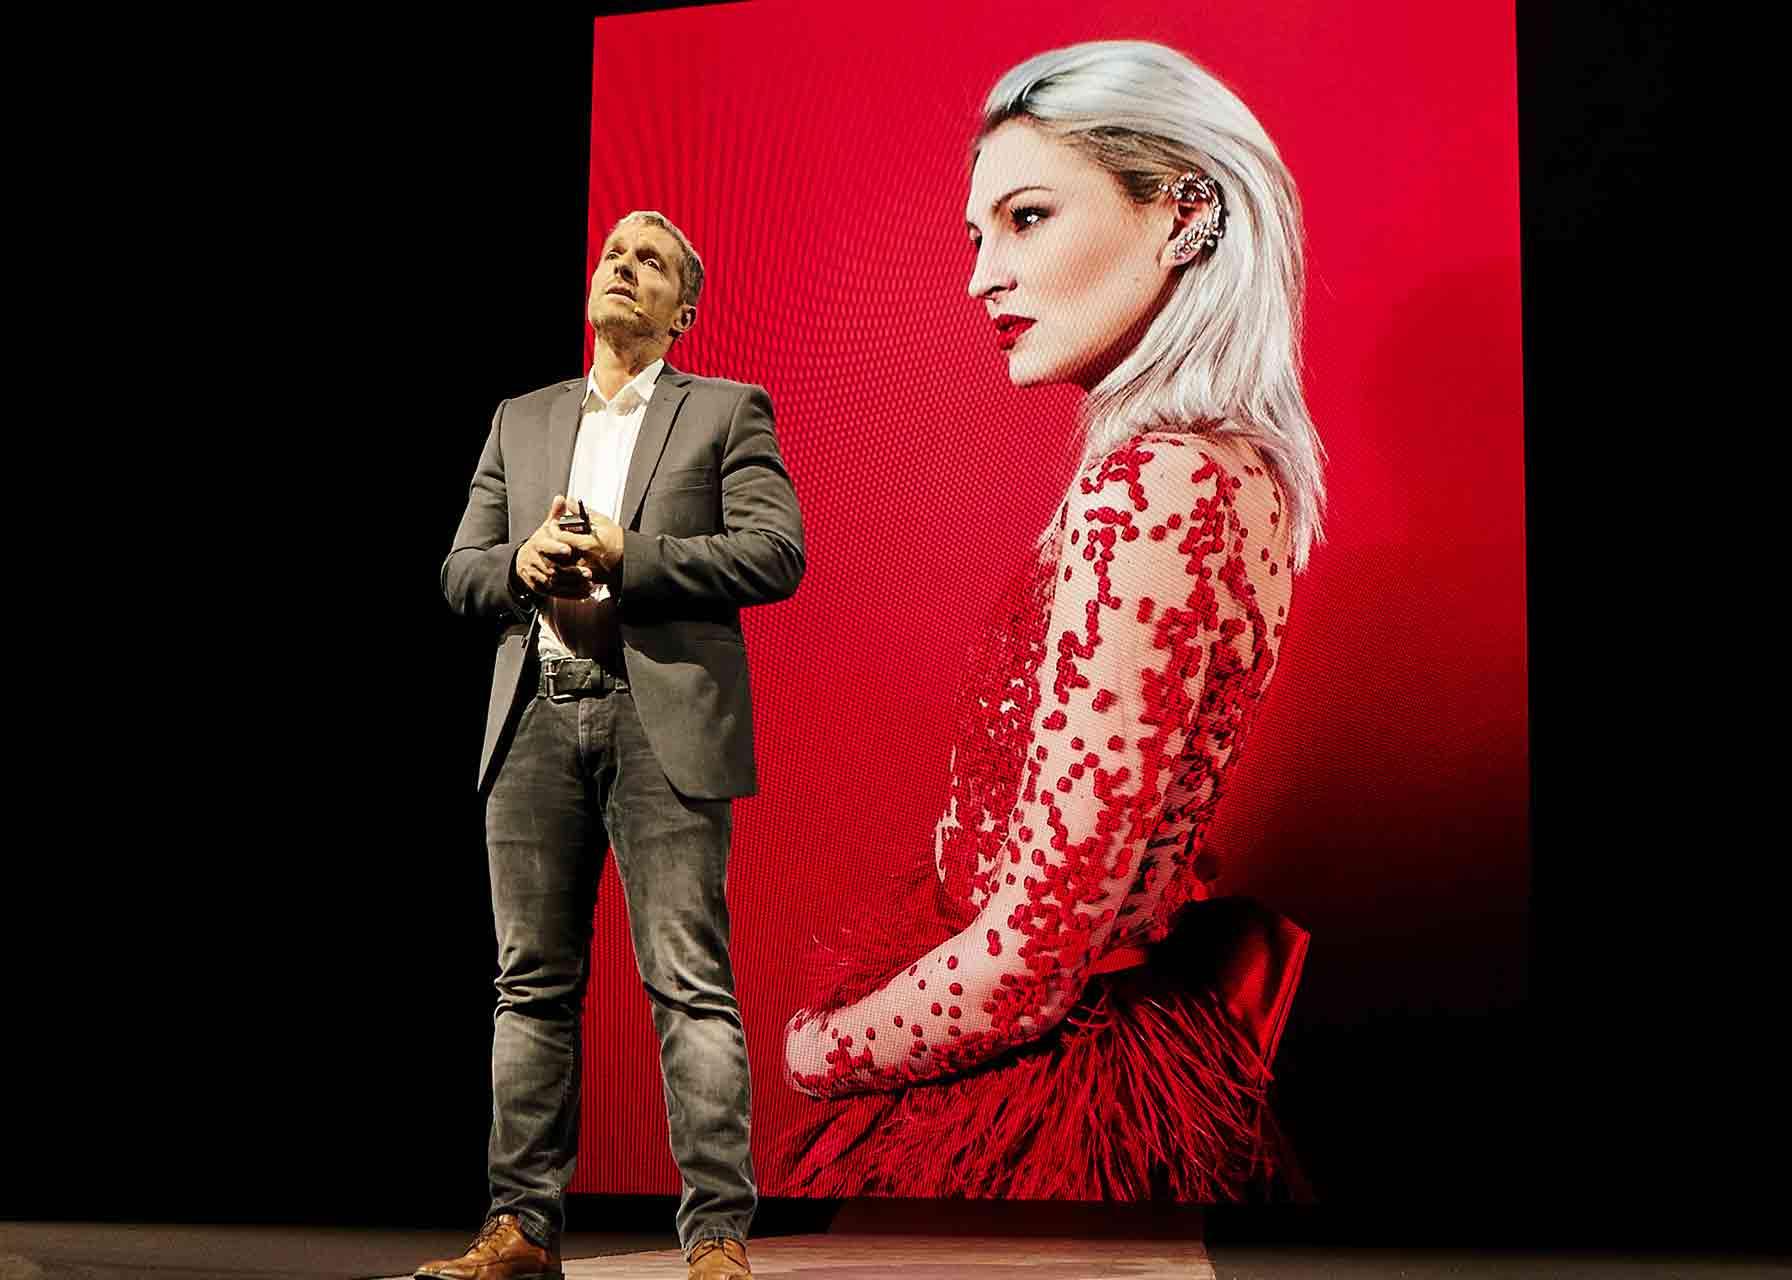 El fotógrafo Manfred Baumann presenta el nuevo Huawei P10 en el Mobile World Congress de Barcelona 2017